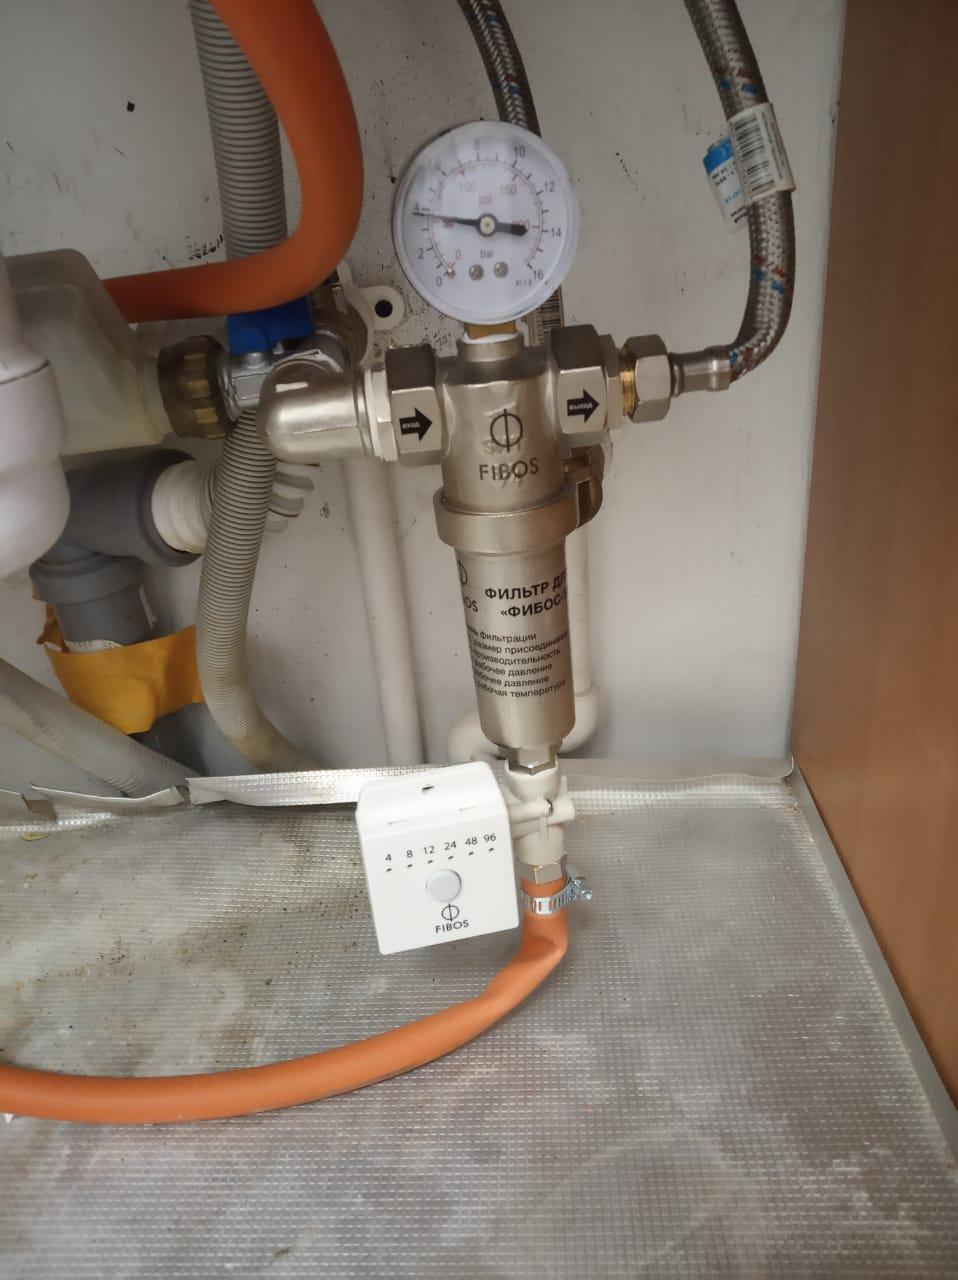 Фибос фильтр для воды - После установки фильтра все стало отлично